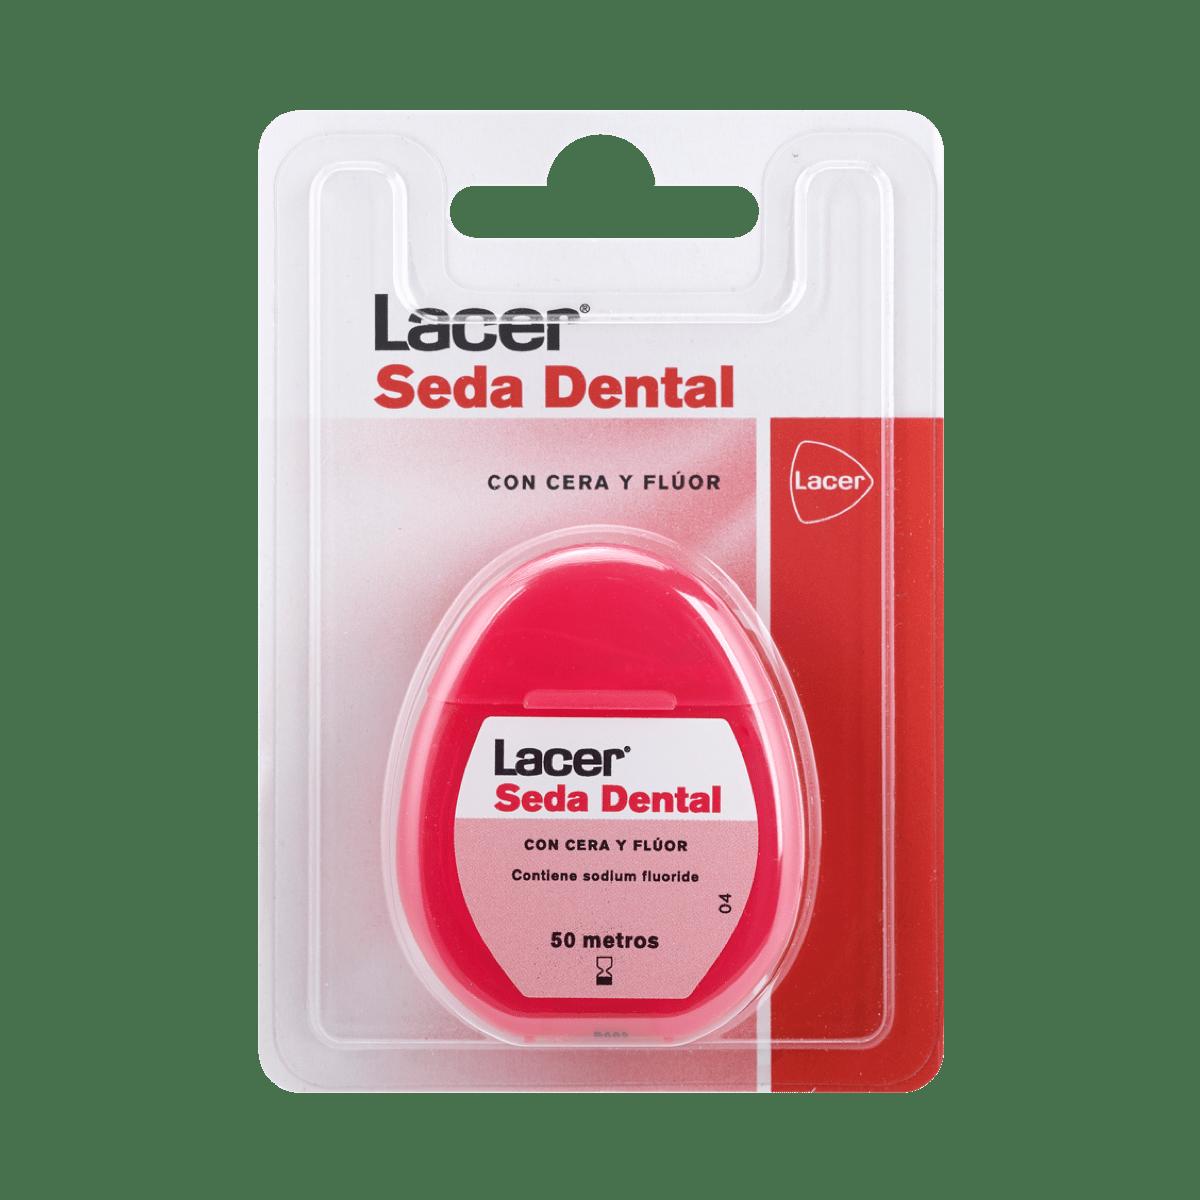 Lacer Seda Dental